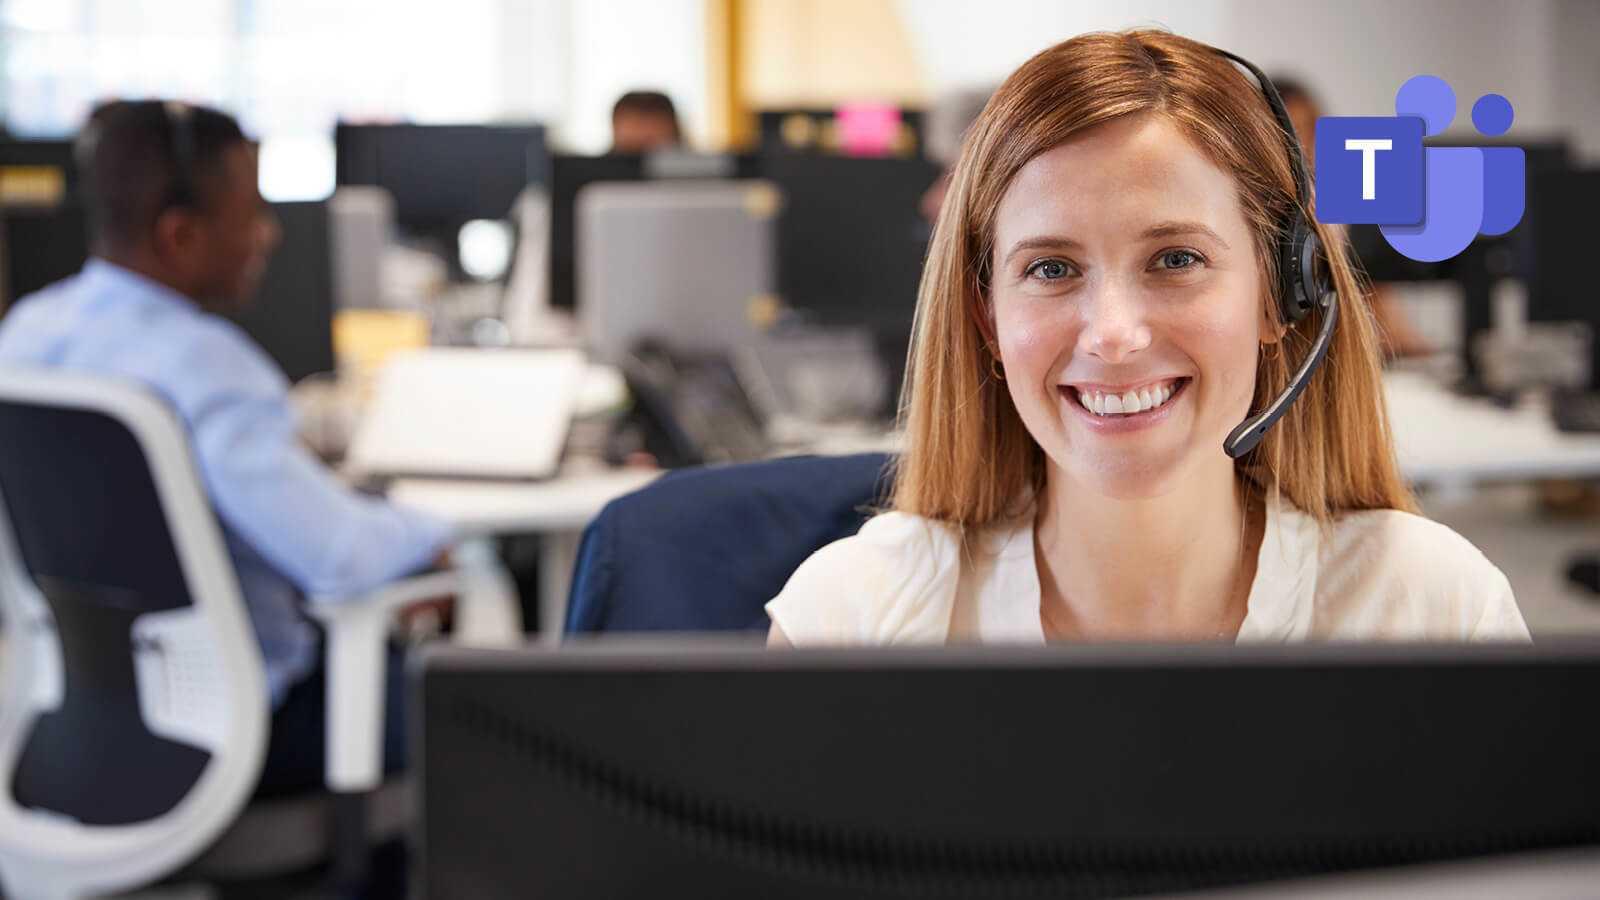 Kvinde der er tilfreds med sit valg at bruge Teams fremfor e-mail